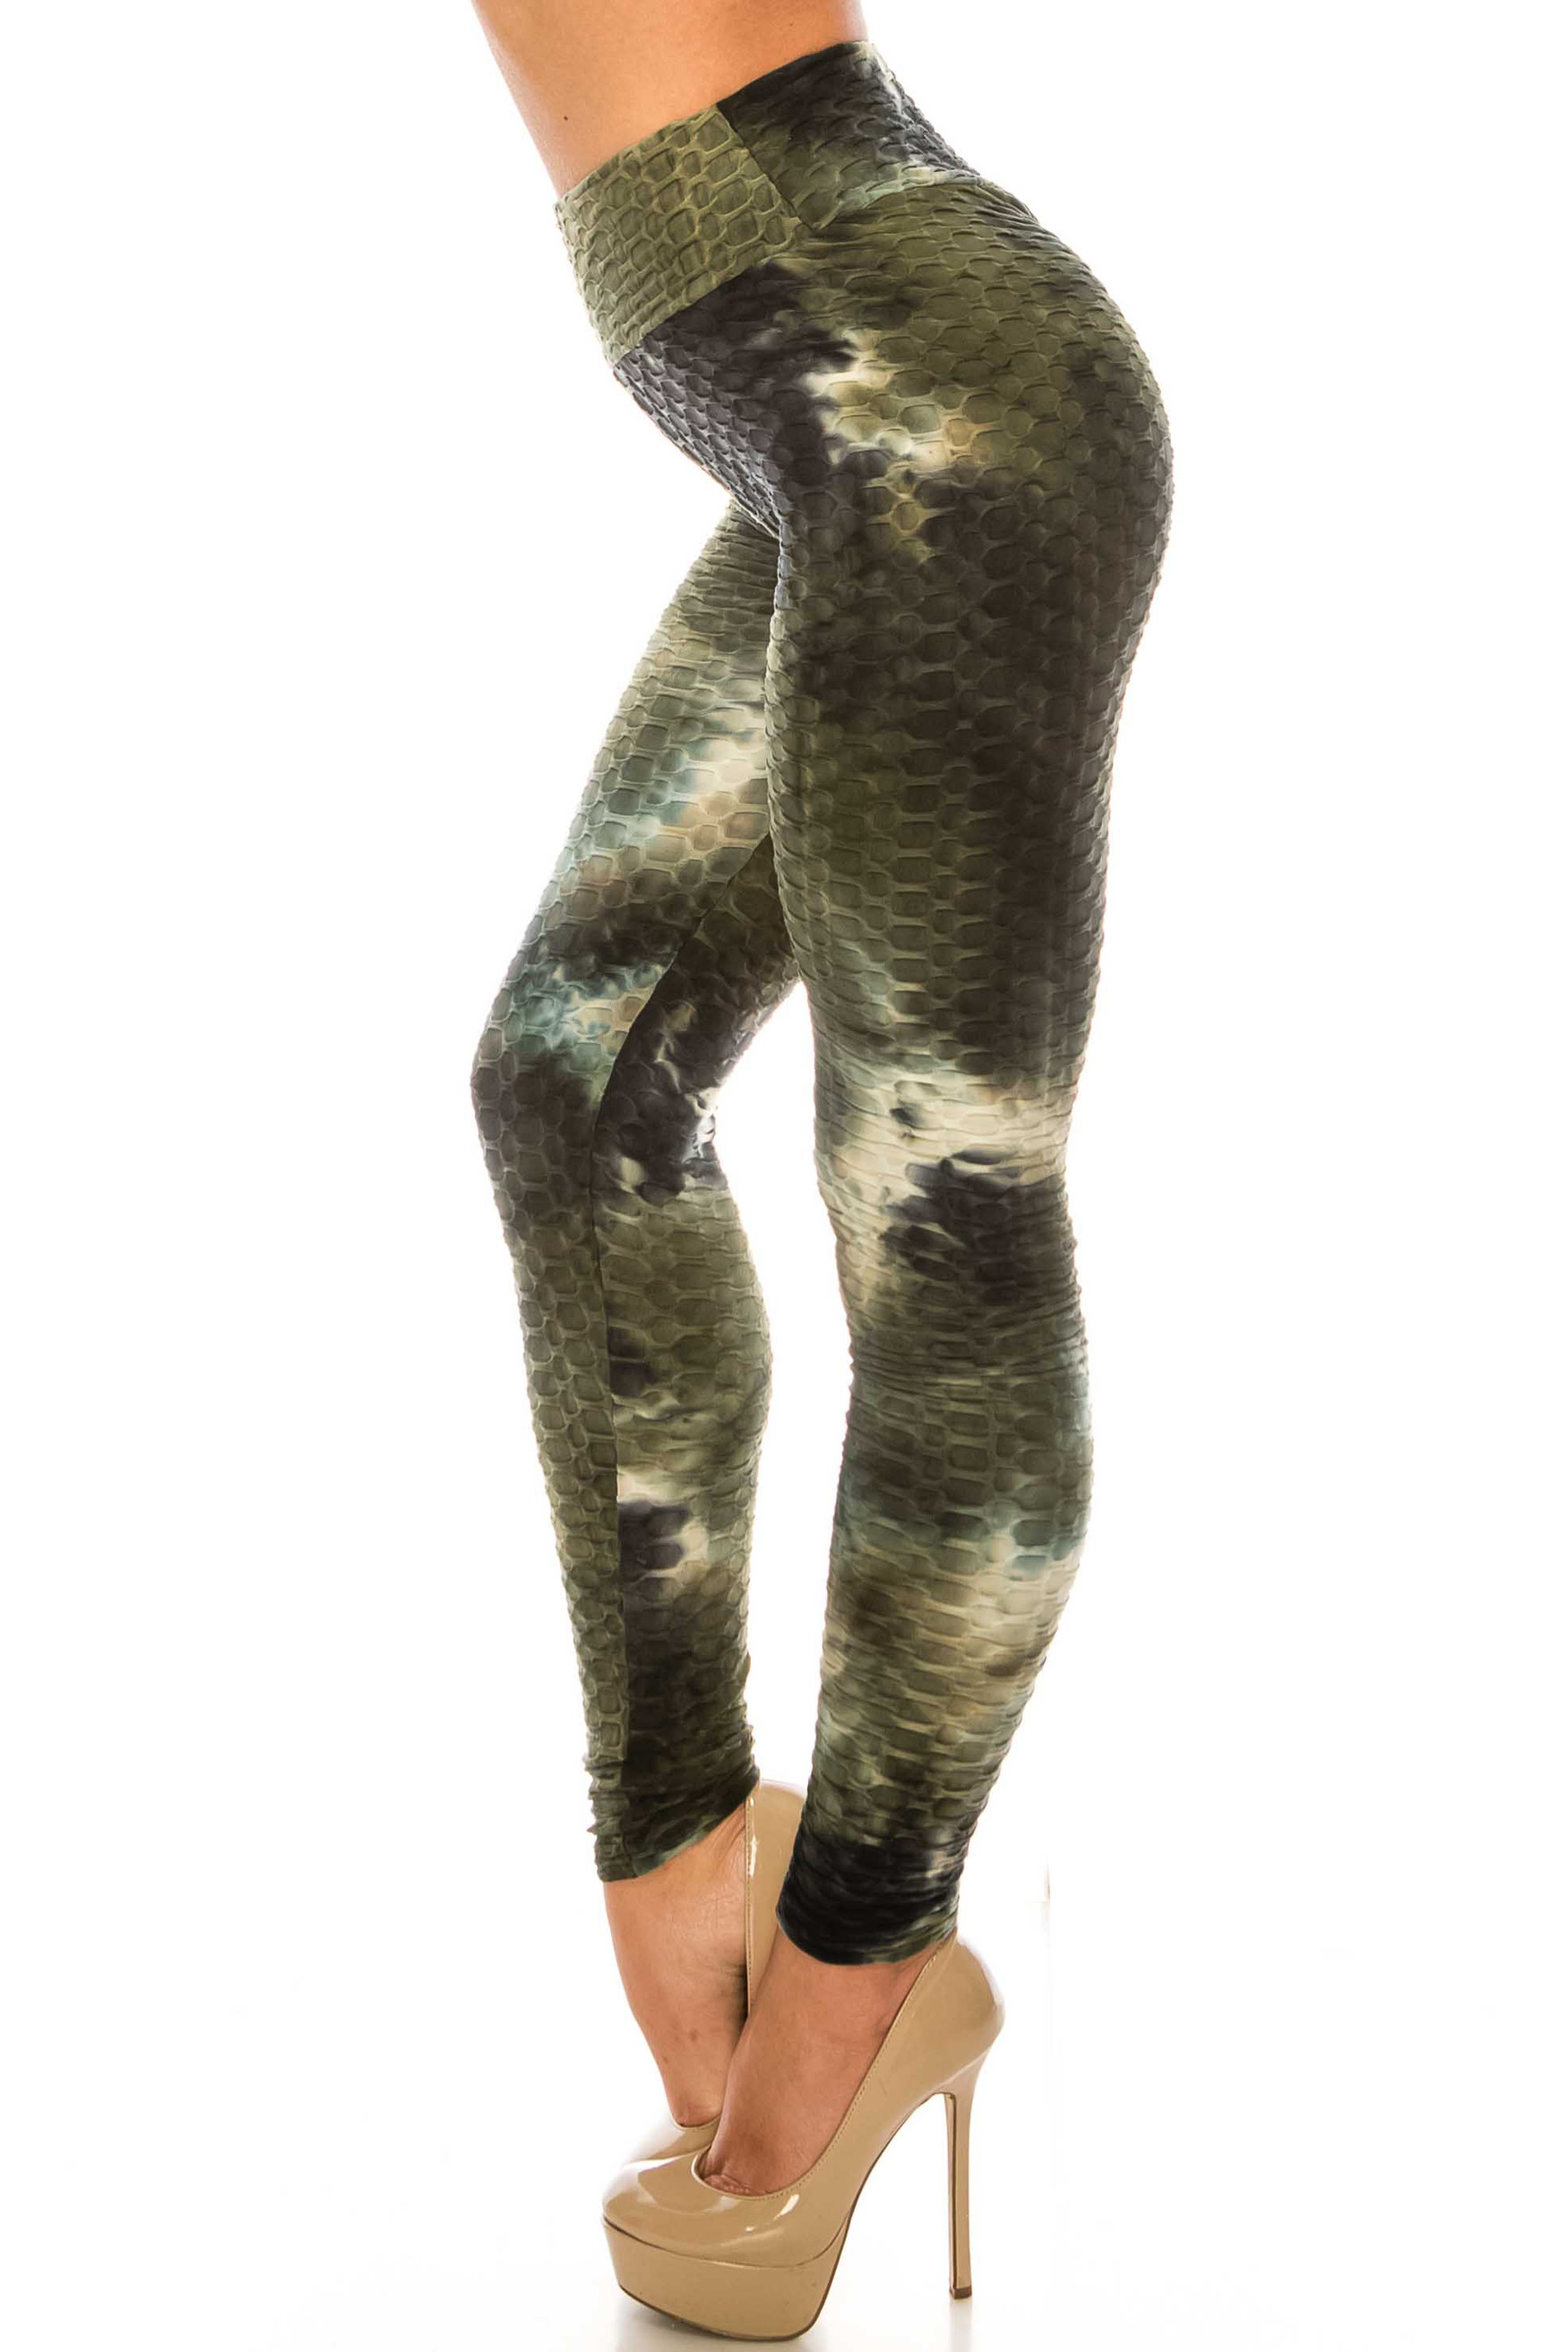 Olive and Black Tie Dye Scrunch Butt Sport Leggings